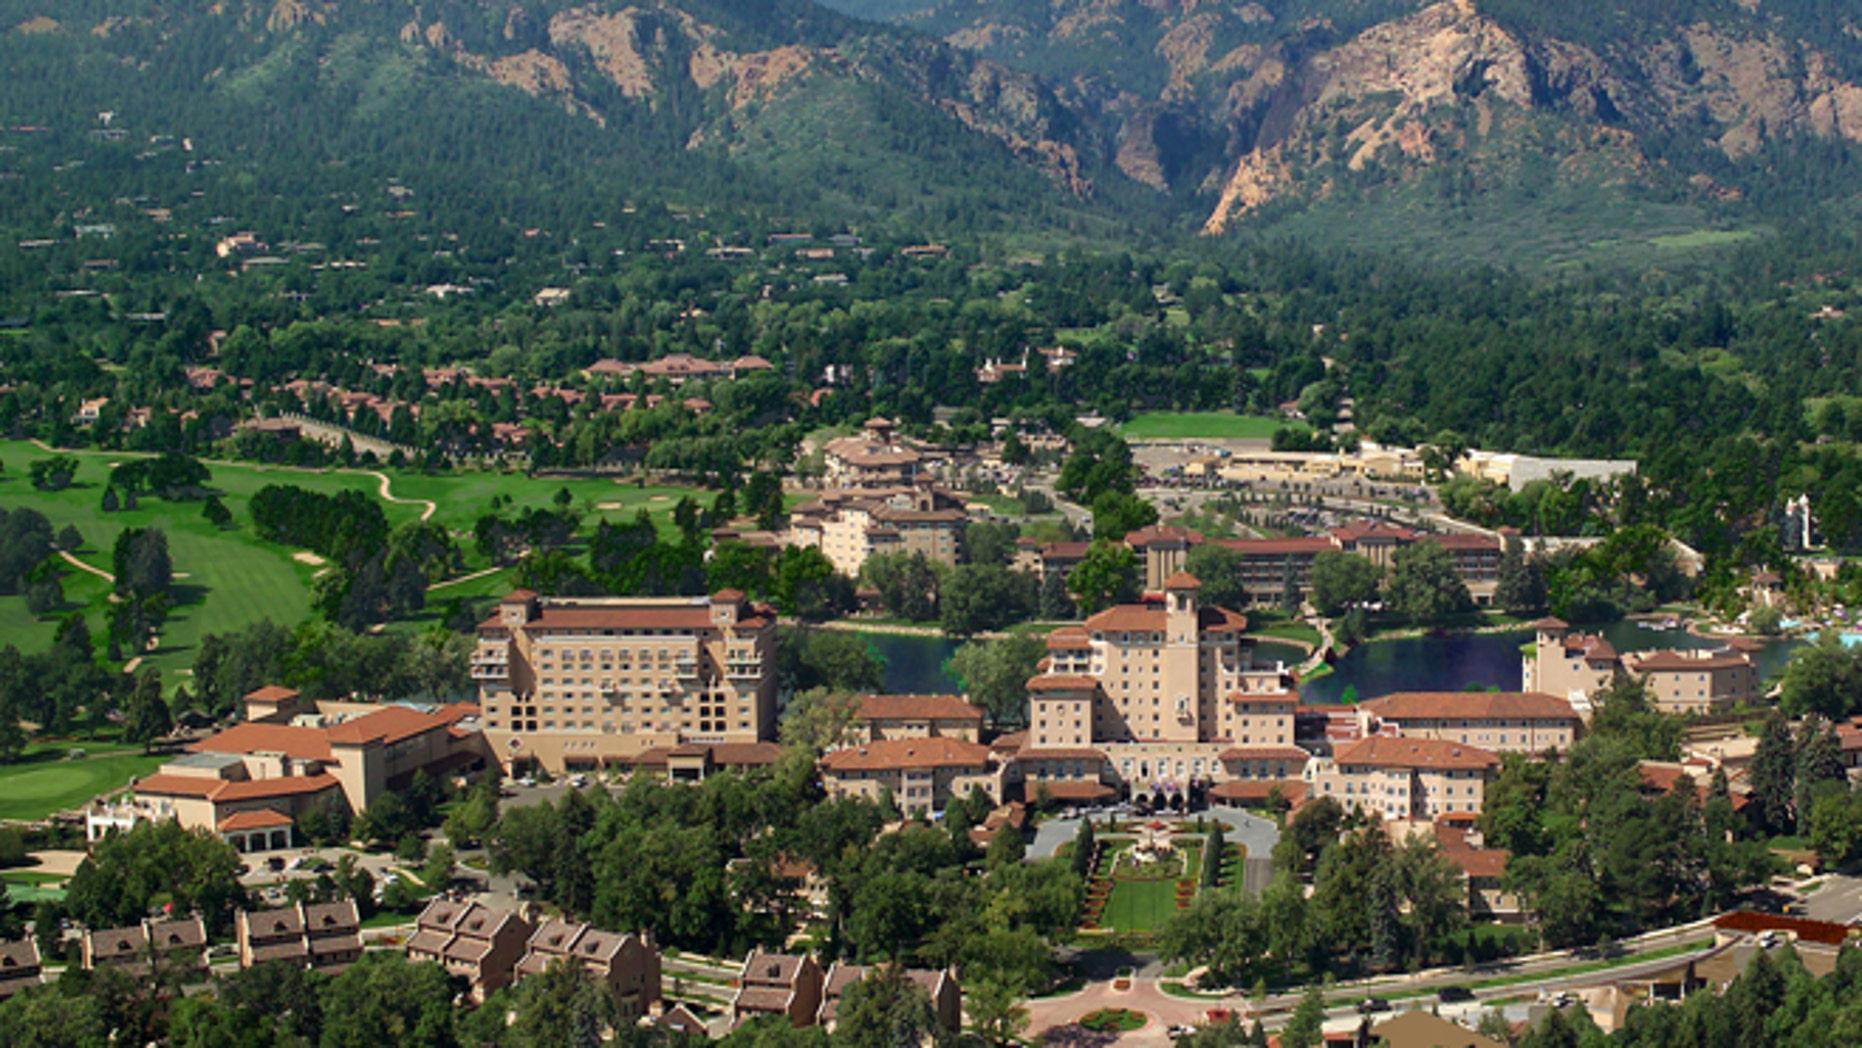 The historic Broadmoor Resort.